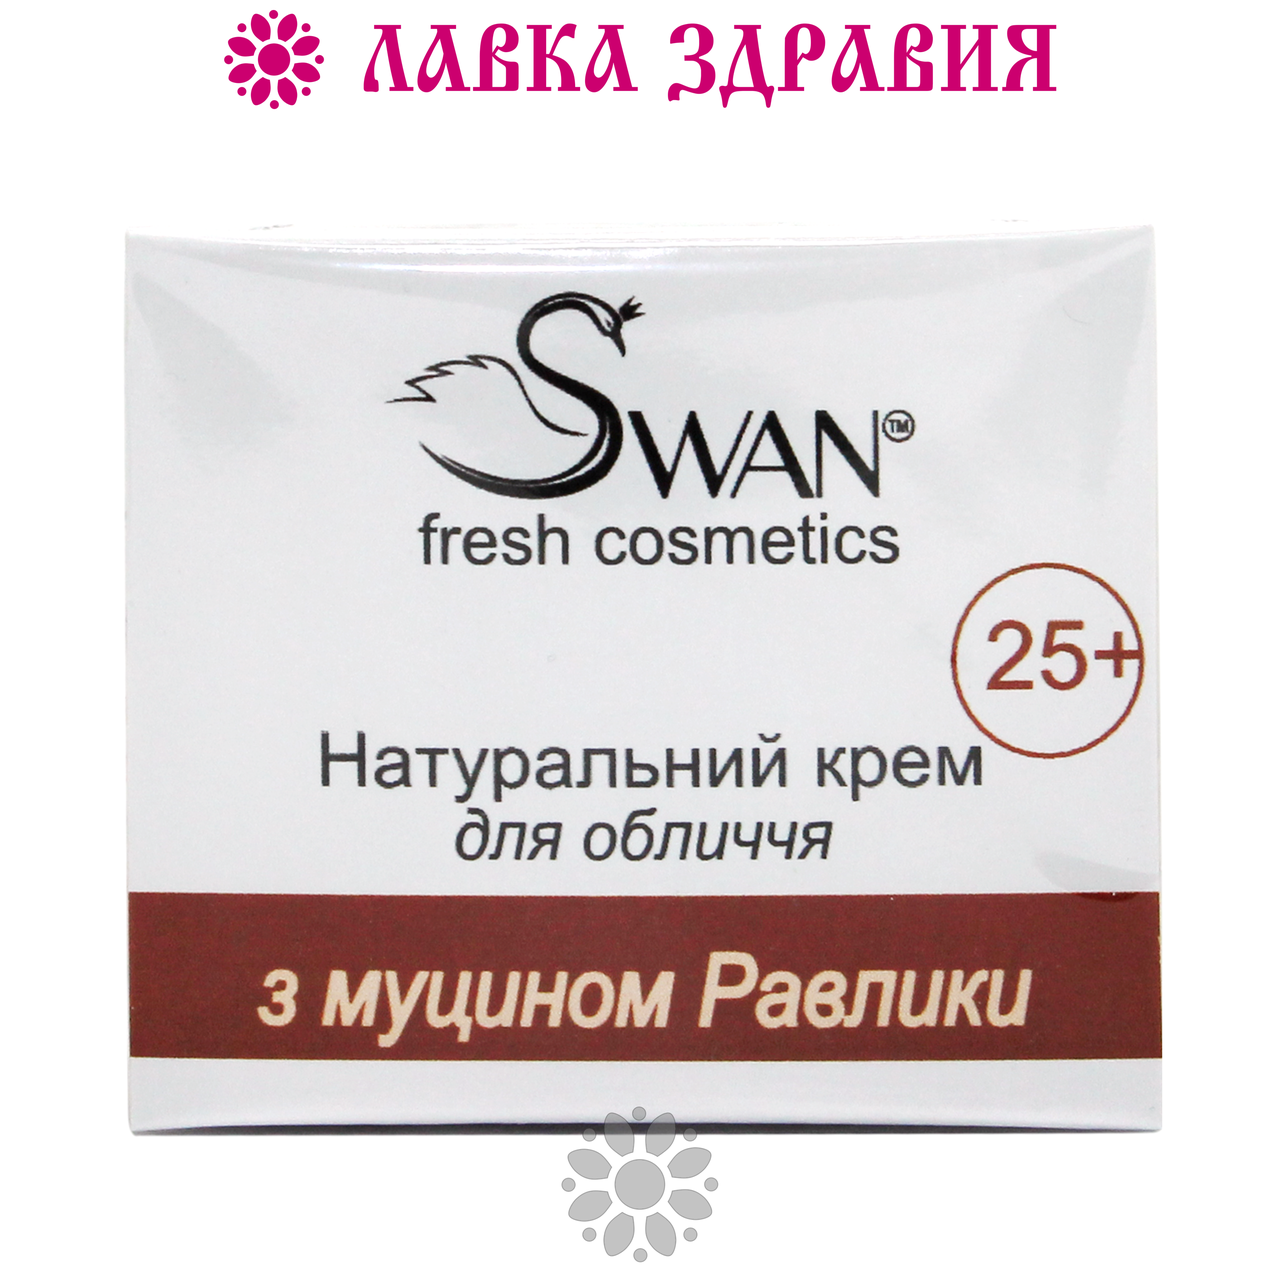 Натуральный крем для лица с муцином улитки 25 плюс, 50 мл, Swan